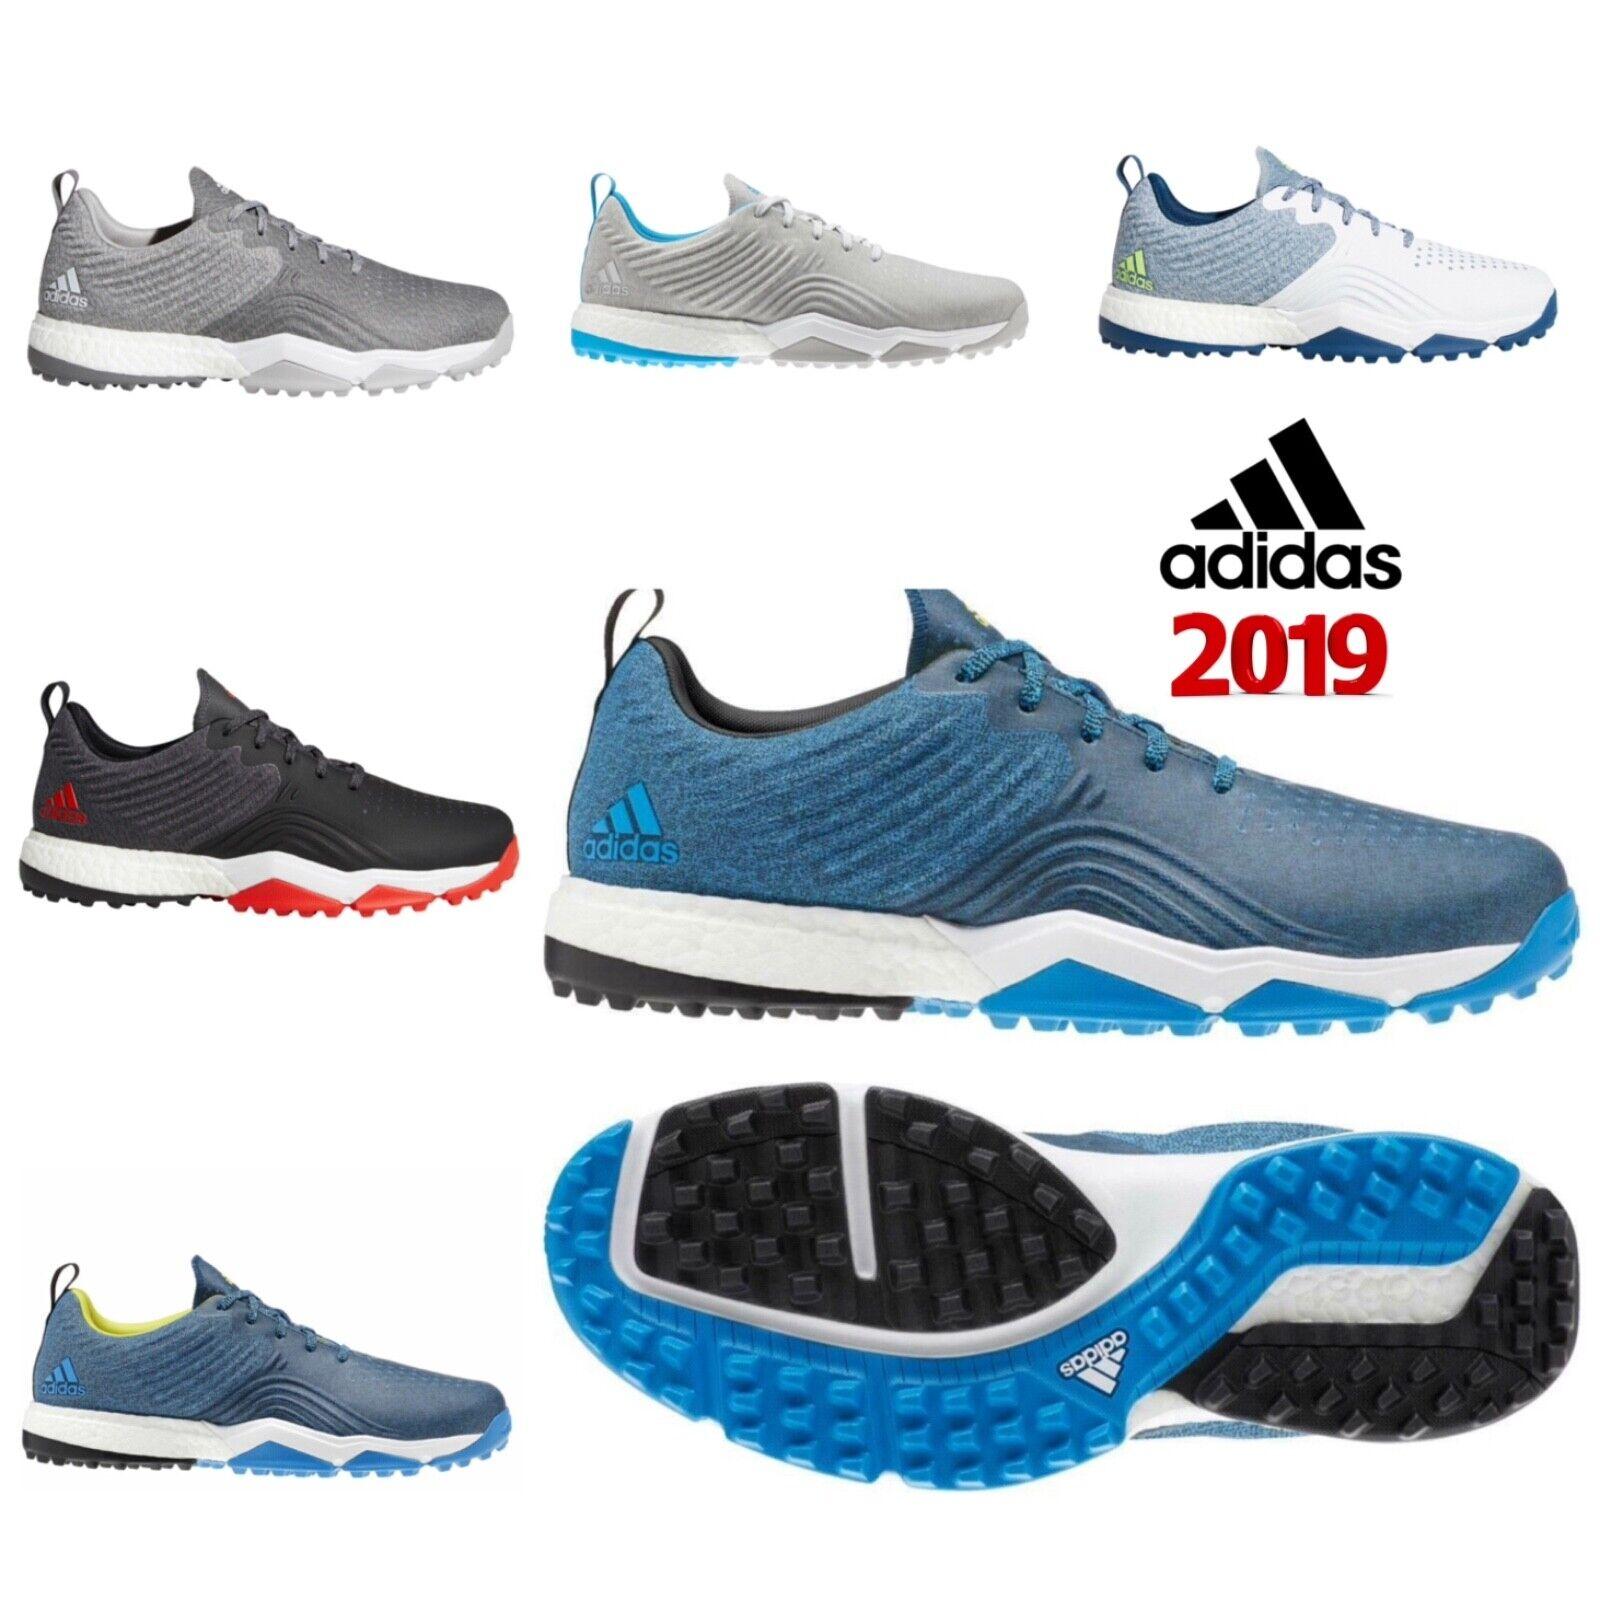 Adidas 2019 Adipower Sport 4 orged  Boost galerías lotes señores ajuste ancho  varios tamaños